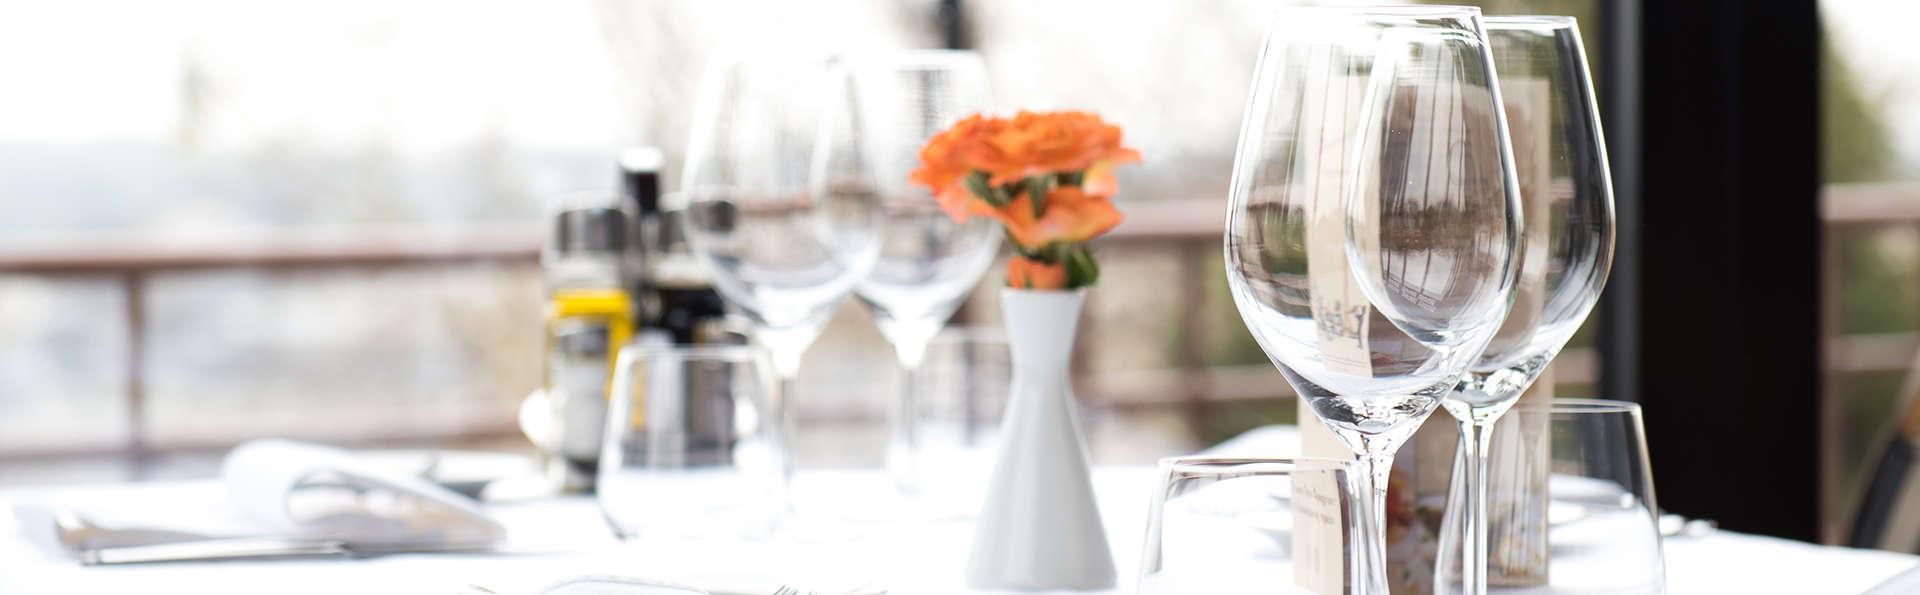 Escapada con Cena romántica y botella de cava en La Alpujarra